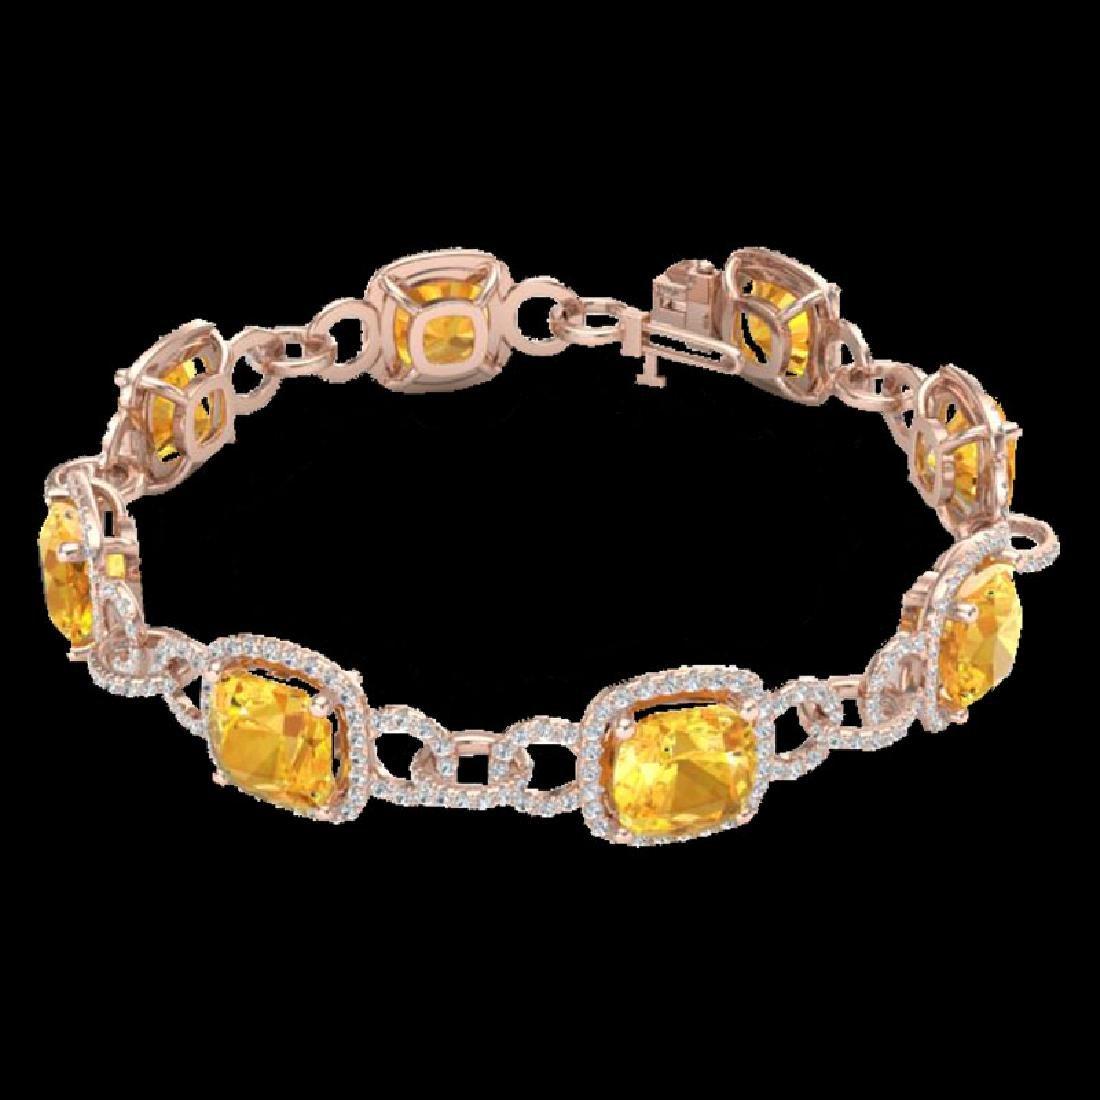 30 CTW Citrine & Micro VS/SI Diamond Bracelet 14K Rose - 2